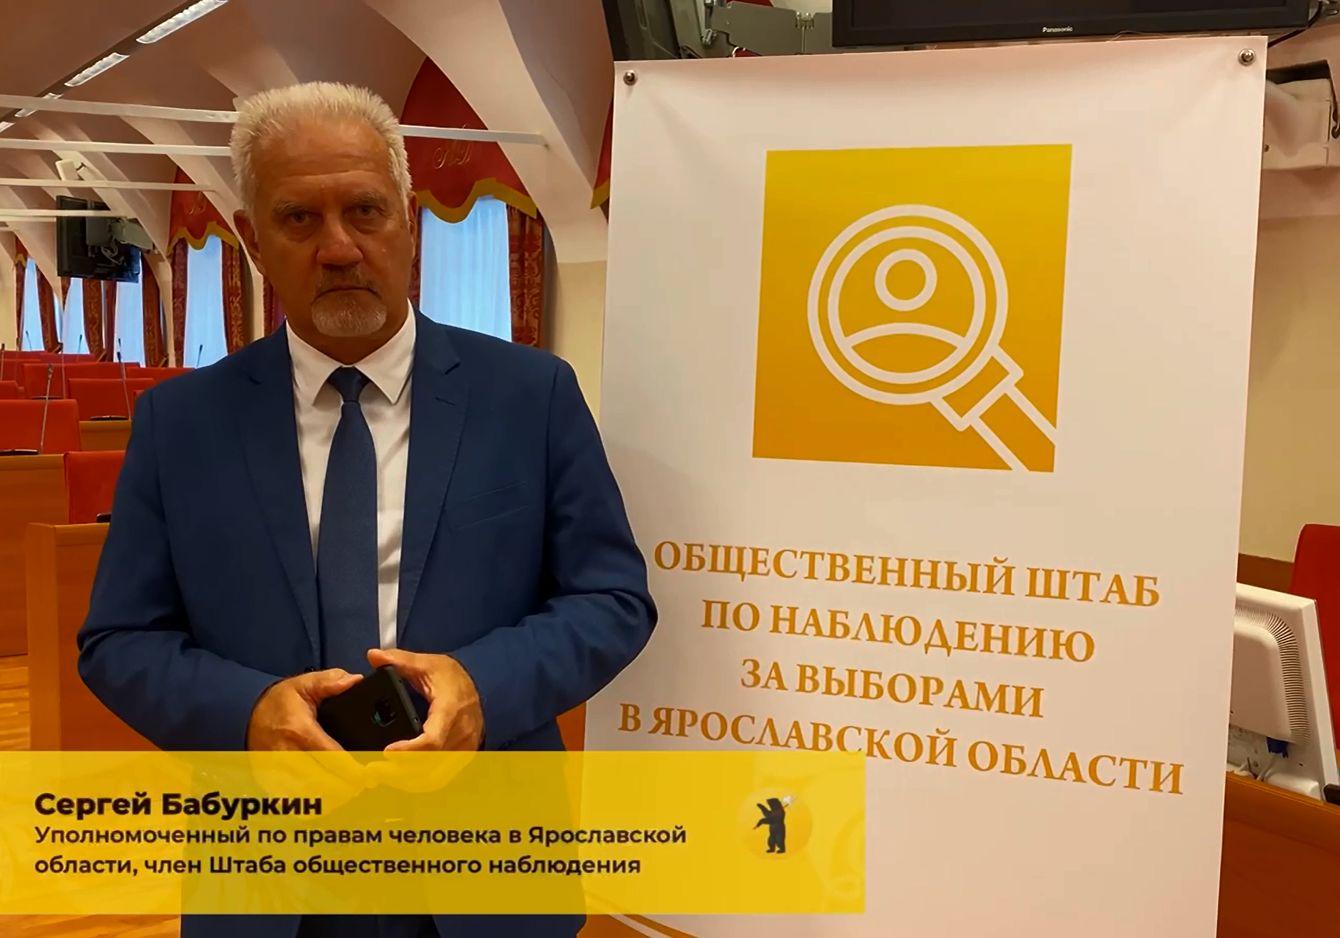 Уполномоченный по правам человека в Ярославской области Сергей Бабуркин посетил избирательные участки в Ярославле